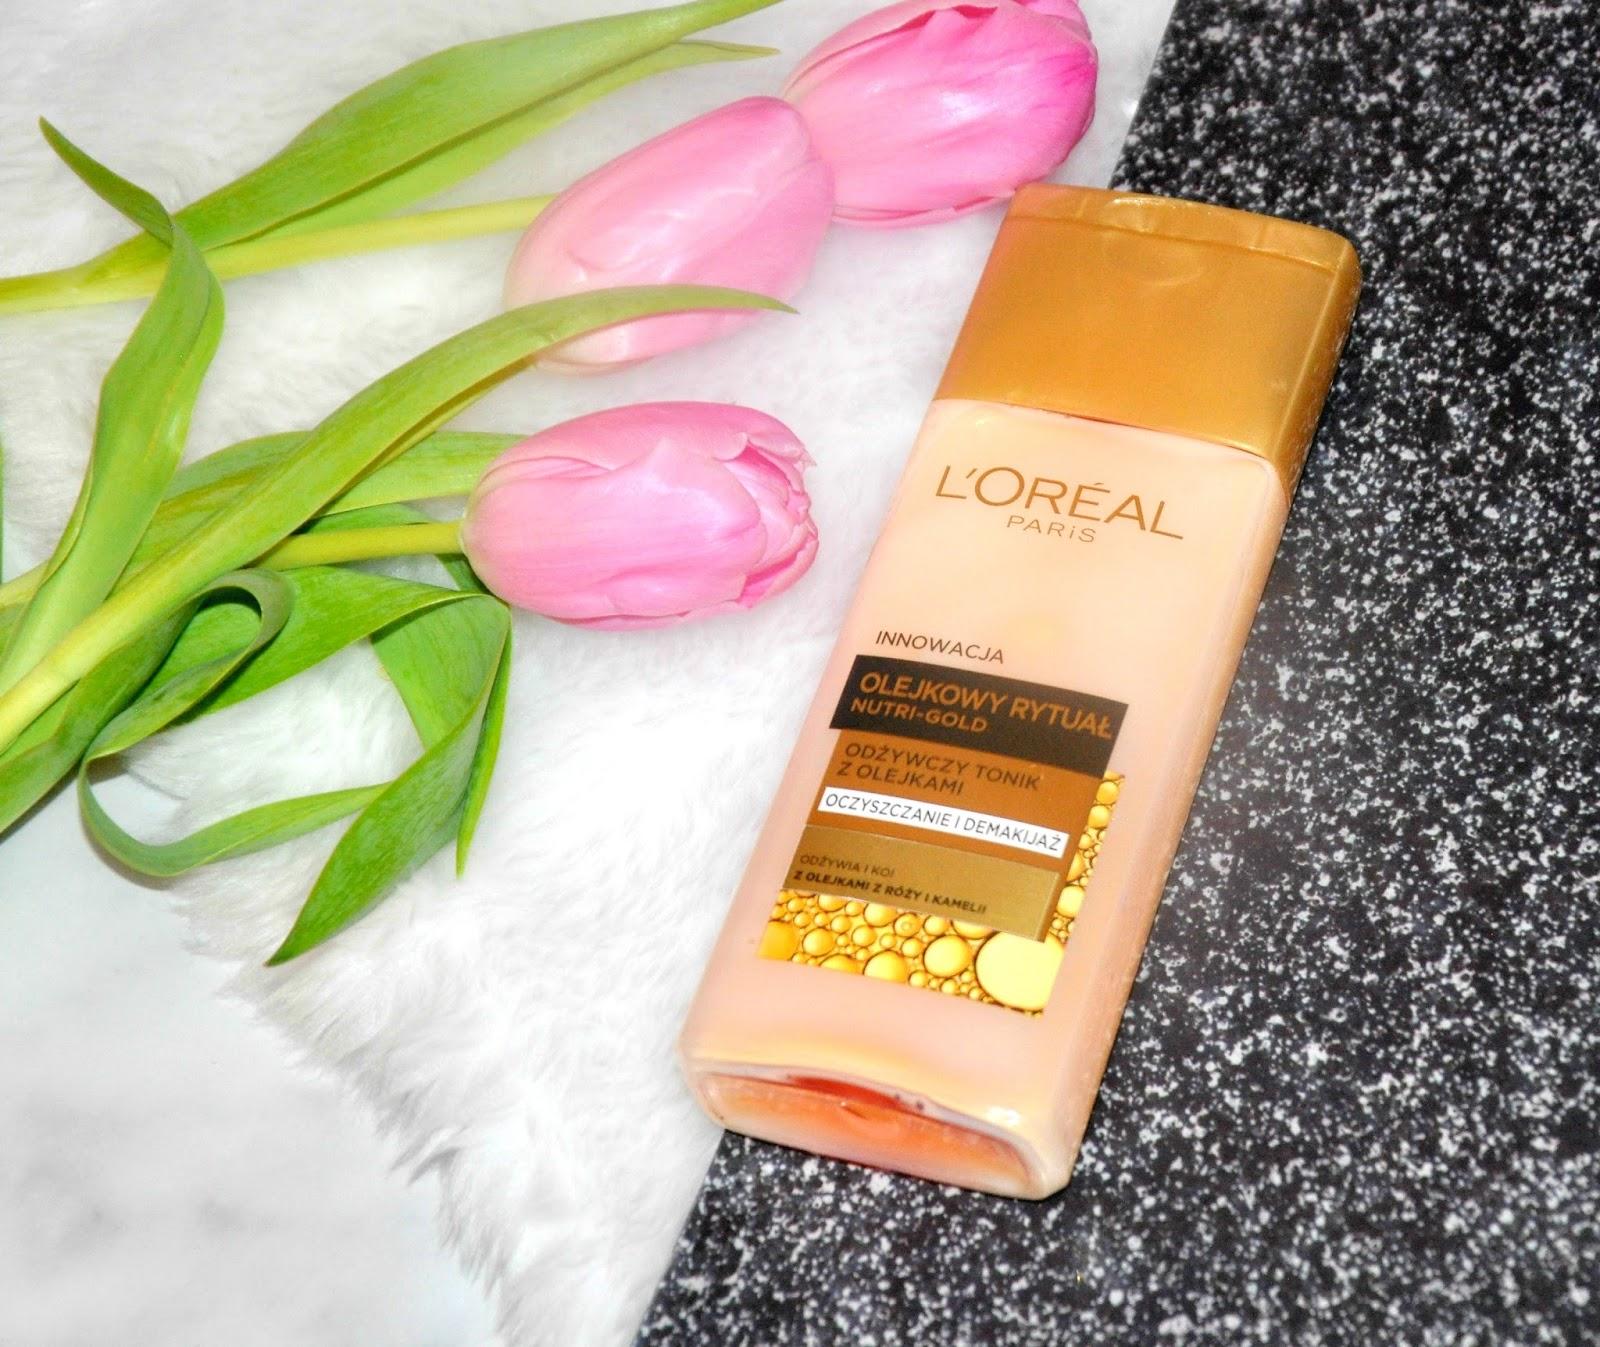 """Gdy słyszę słowo L'Oréal od razu moja wyobraźnia przedstawia mi kolorowy obraz na którym widnieją takie perełki jak rozświetlający podkład True Match, cudowna szminka z serii Color Riche czy rewelacyjny tusz do rzęs Volume Milion Lashes So Couture. Nie ma tu ani jednego pielęgnacyjnego kosmetyku... Nigdy nie przepadałam za kosmetykami do pielęgnacji twarzy firmy L'Oréal, kilkukrotnie próbowałam zaprosić markę do codziennej pielęgnacji, ale moja skórze nie odpowiadały jej produkty, zawsze się przed nimi broniła i dość dobitnie informowała mnie, że za nimi nie przepada. Poddałam się, moje uwielbienie wobec marki ograniczyłam tylko do kolorówki, stwierdziłam, że skoro tyle razy zawiodłam się na kosmetykach pielęgnacyjnych tej marki to znaczy, że nie są one dla mnie. Byłam twarda, nie zerkałam w ich stronę przez wiele miesięcy. Ostatnio zrobiłam wyjątek kupiłam tonik ! Skusiły mnie dwa słowa """"odżywczy tonik""""."""